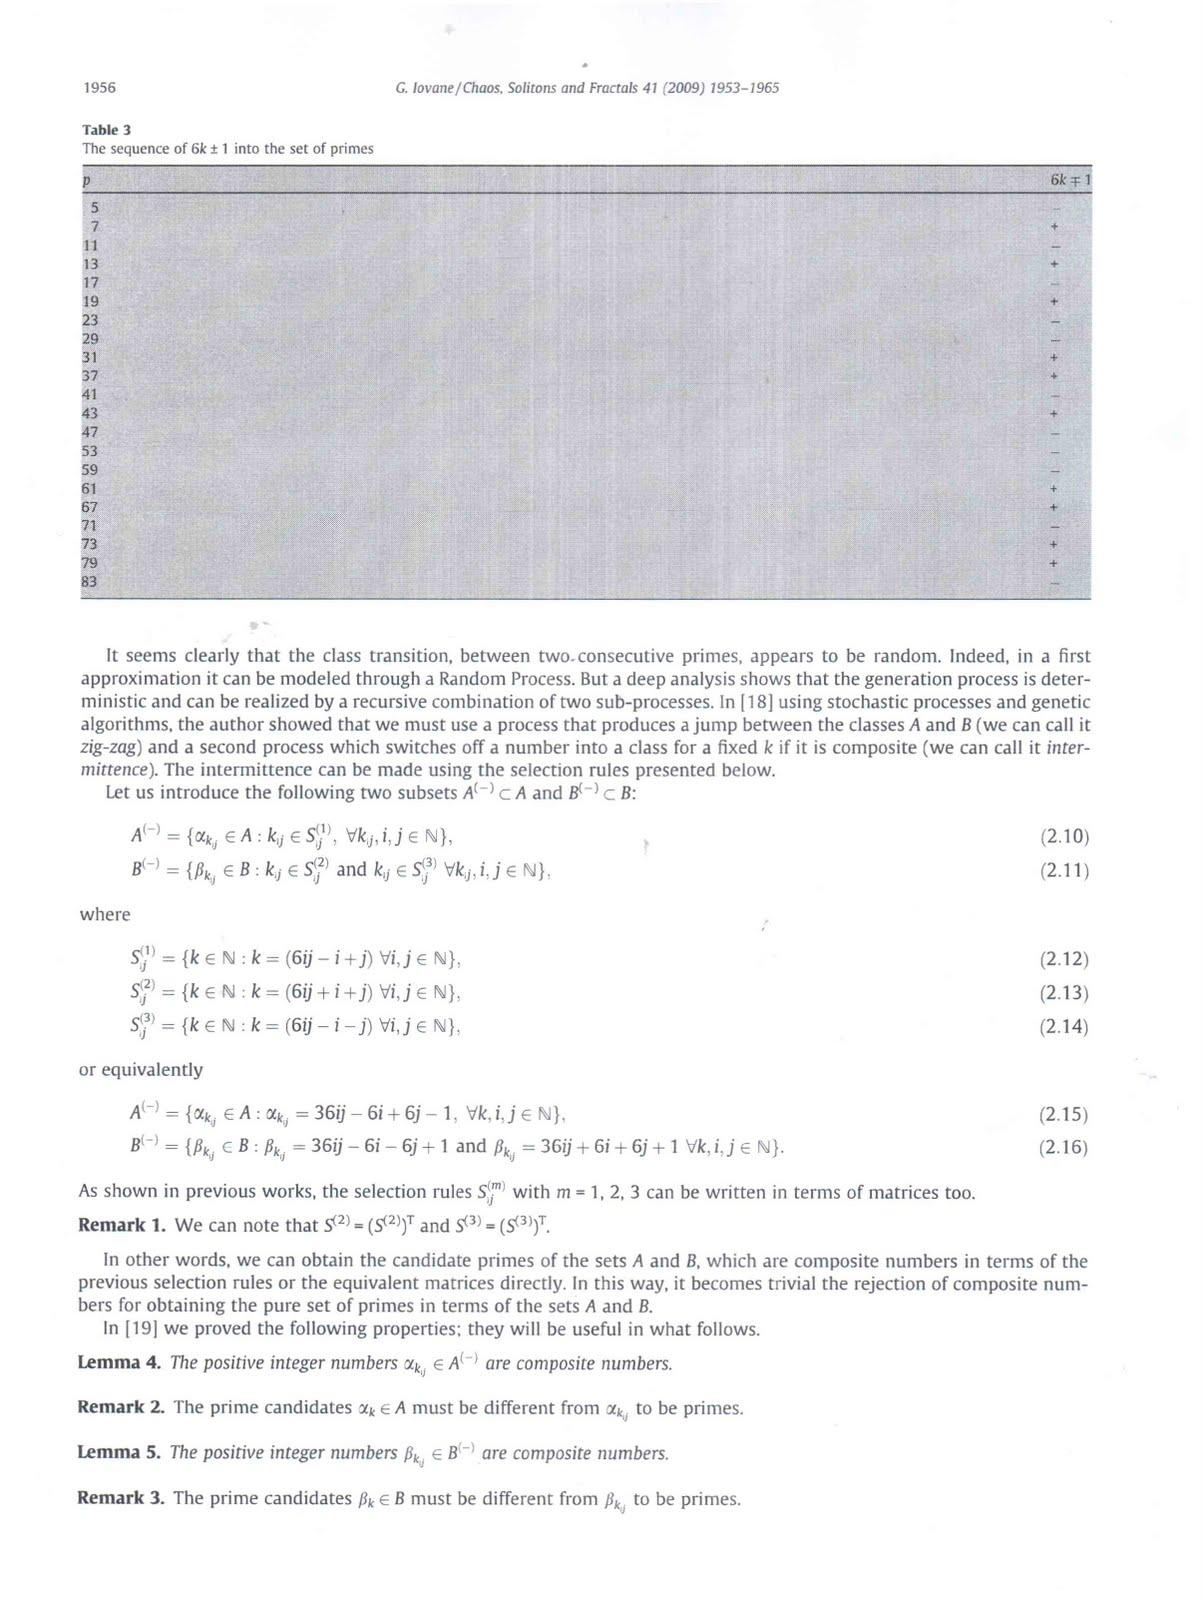 [lovane+4+at+3-3-2010+18-02+PM.jpg]